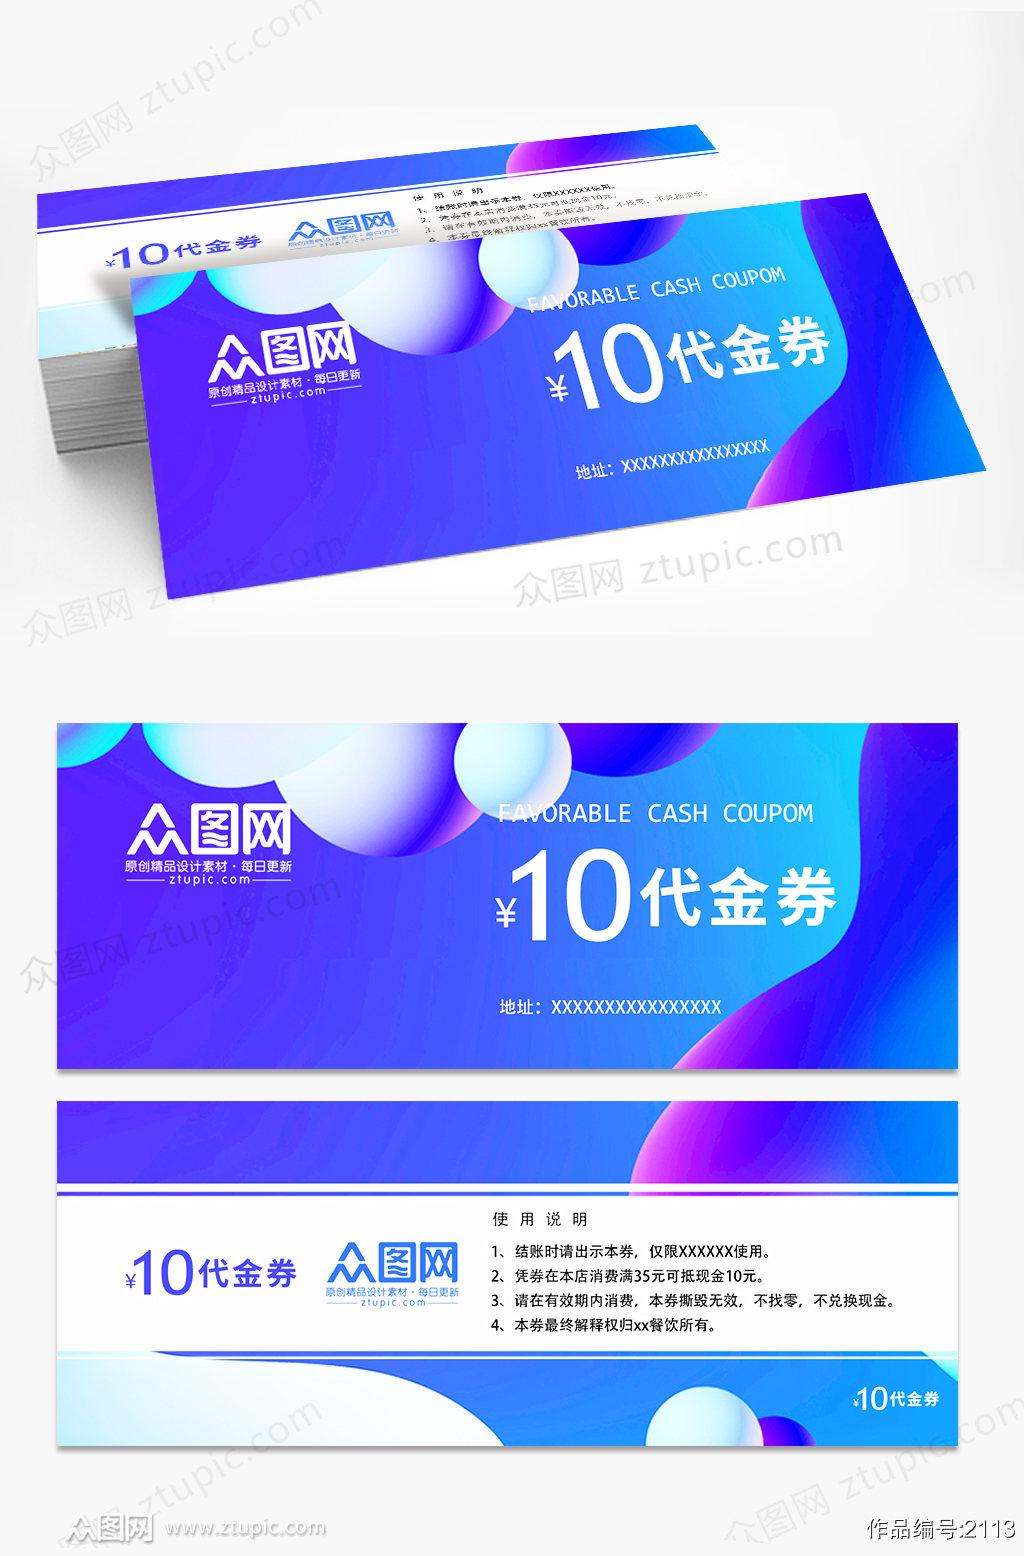 创意蓝紫色渐变企业优惠券代金券优惠券矢量模板素材